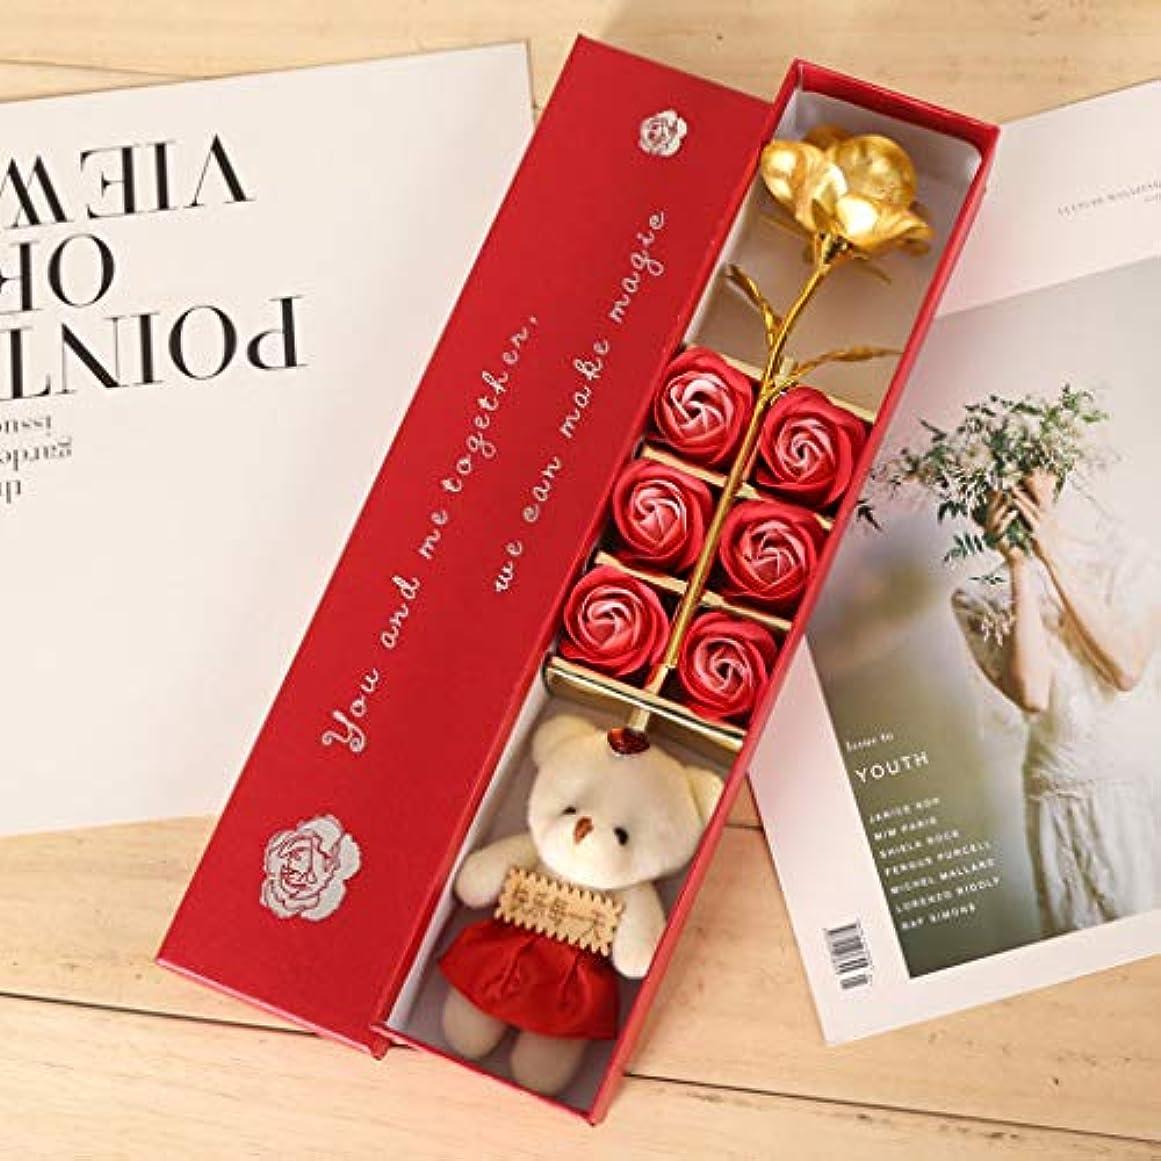 病気肘慢な【ゴールデンローズギフトボックス】6石鹸のバラの花/せっけんの花/かわいいバラ/素敵な女の子/ママへのユニークな贈り物/誕生日/母の日/記念日/バレンタインデー/卒業プレゼント/あなたが愛した人のための女性 (レッド)